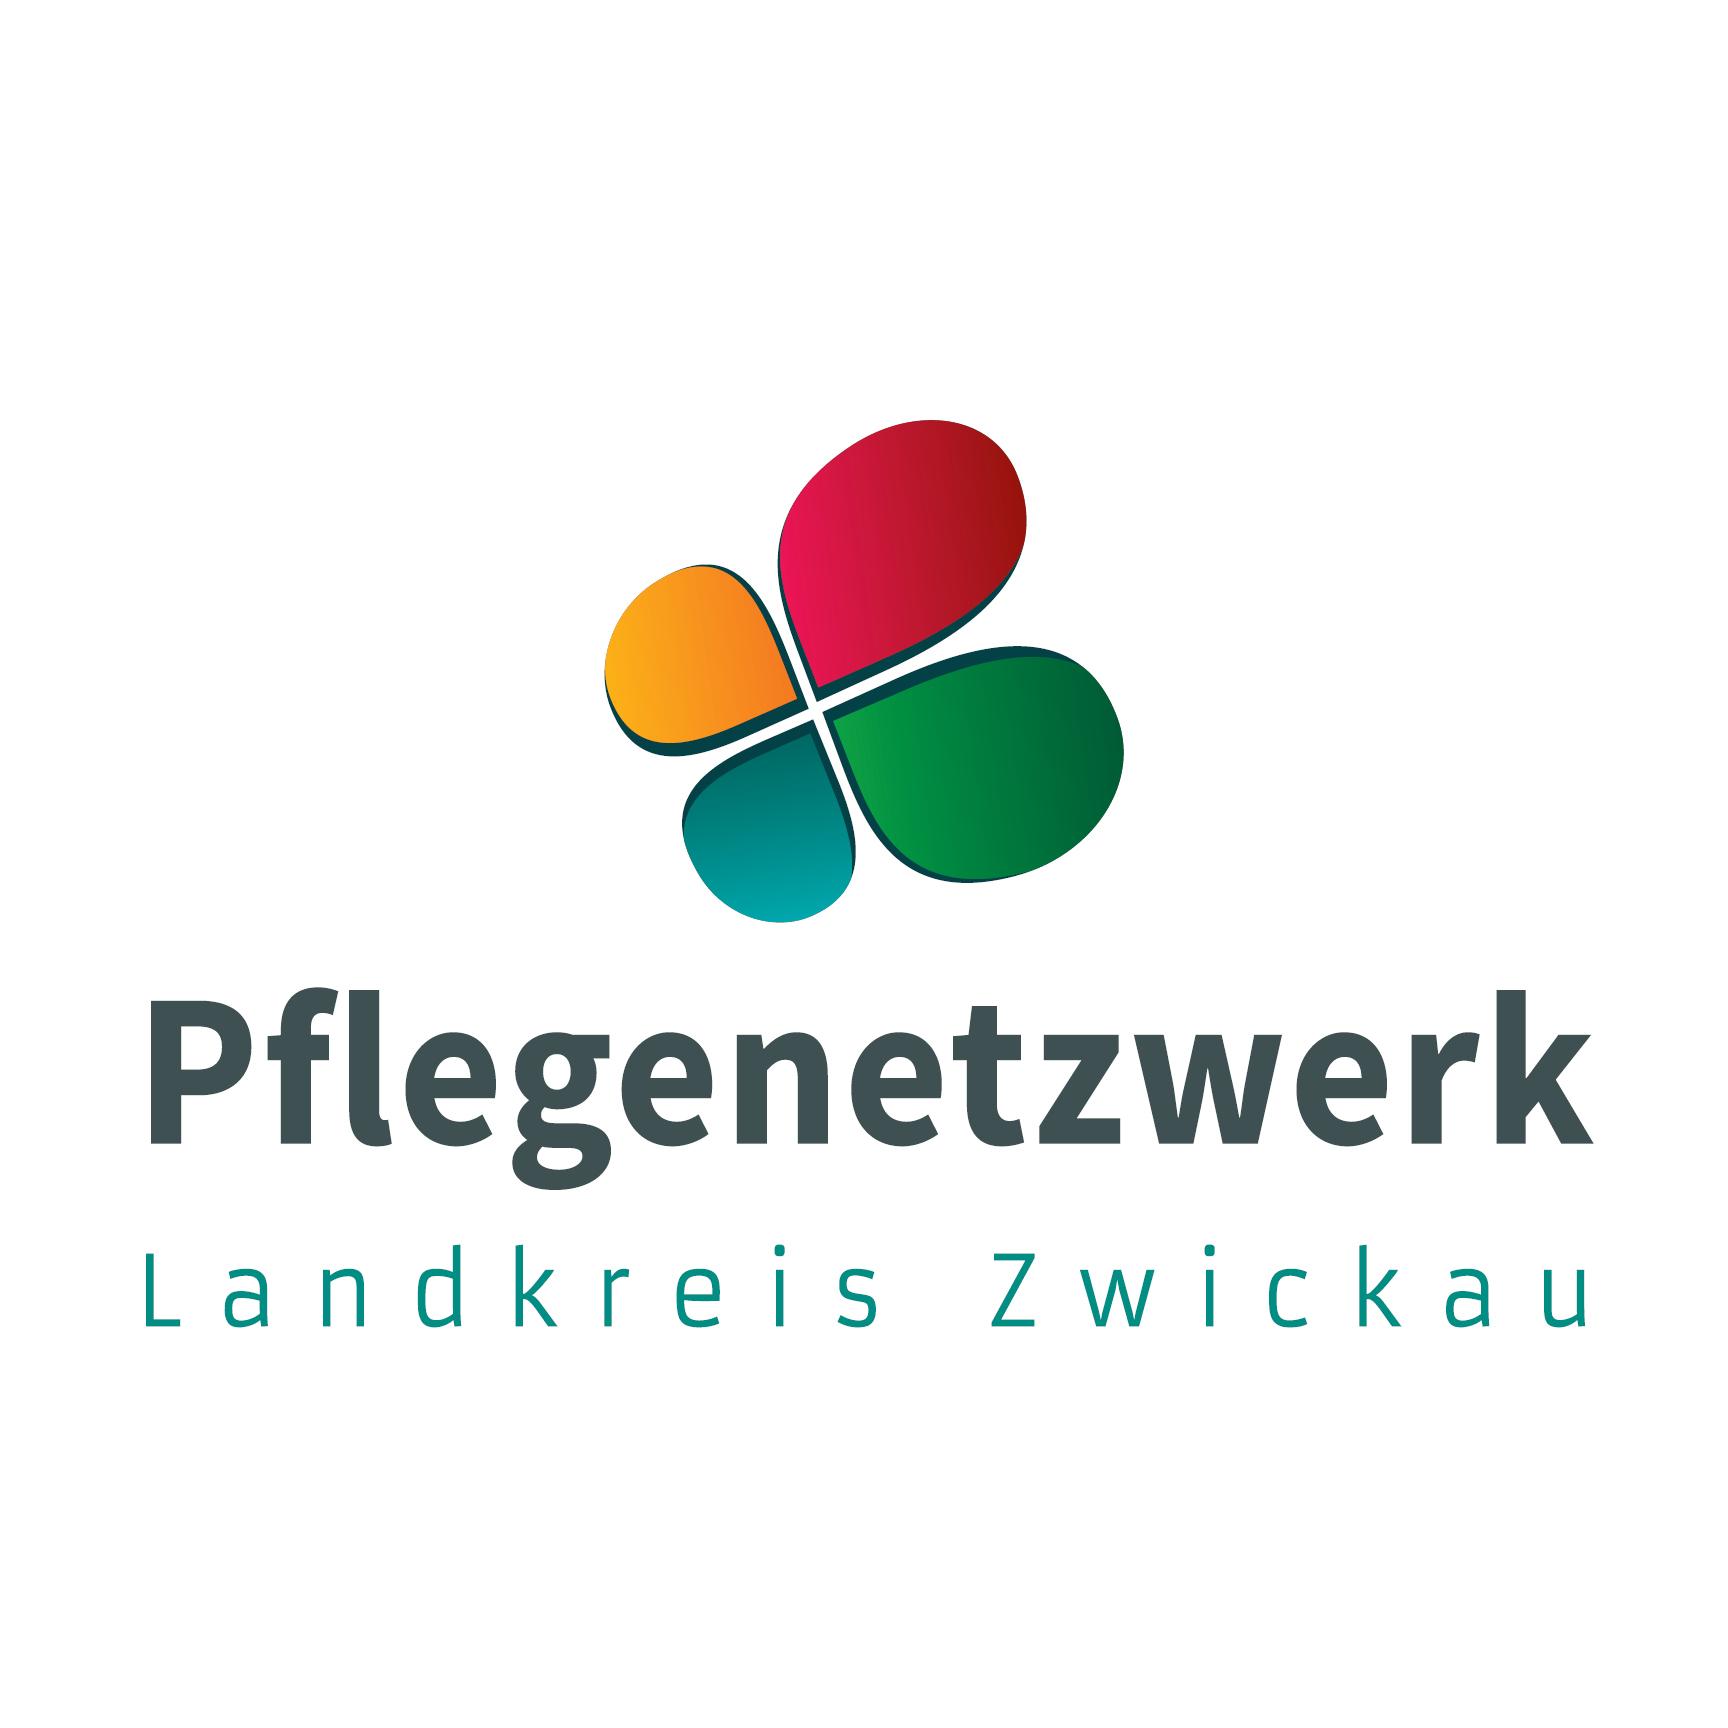 Pflegenetzwerk Landkreis Zwickau